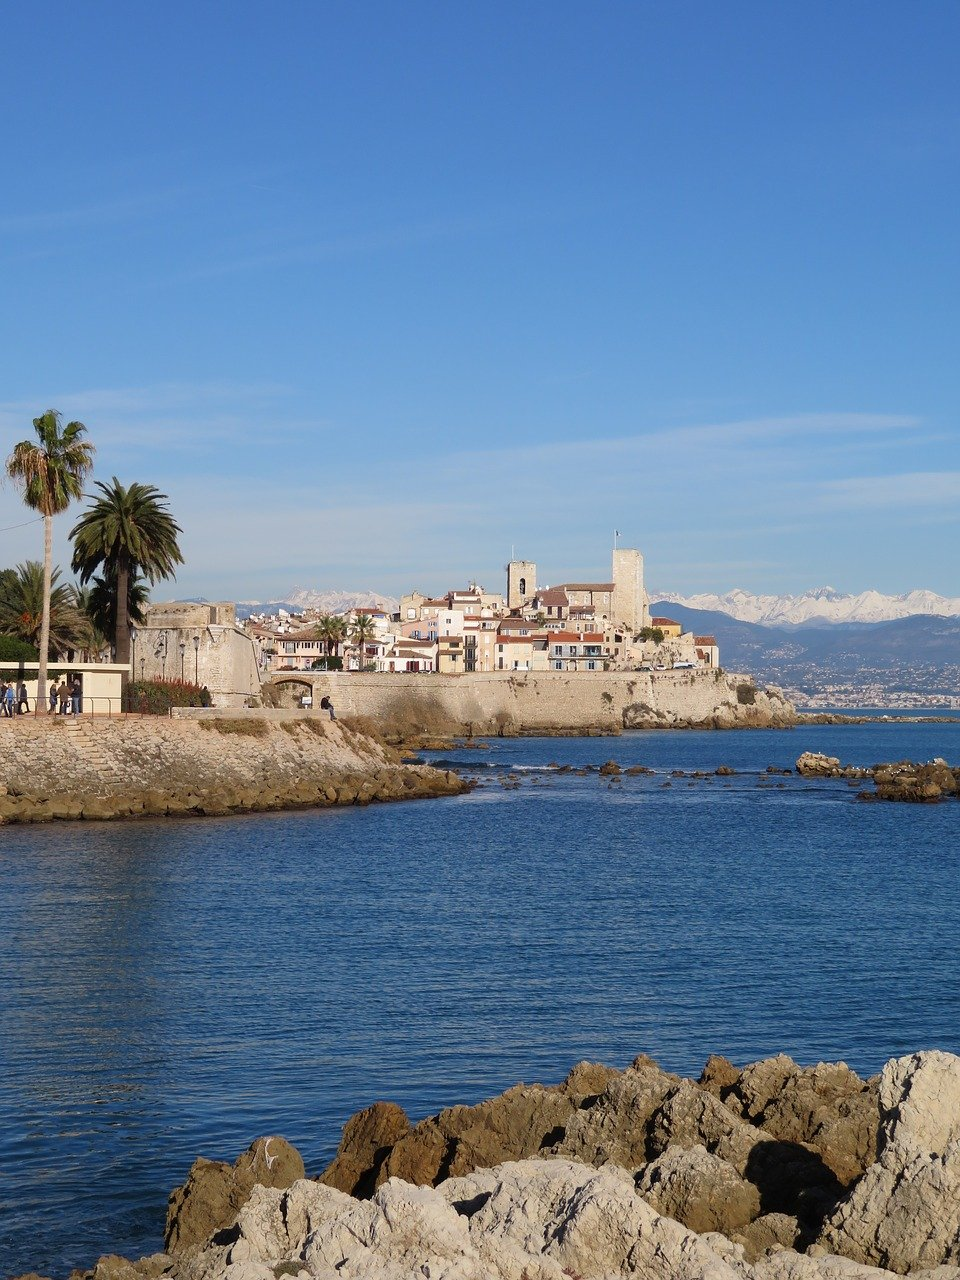 Vue sur la mer et le château Carré depuis les côtes des plages d'Antibes